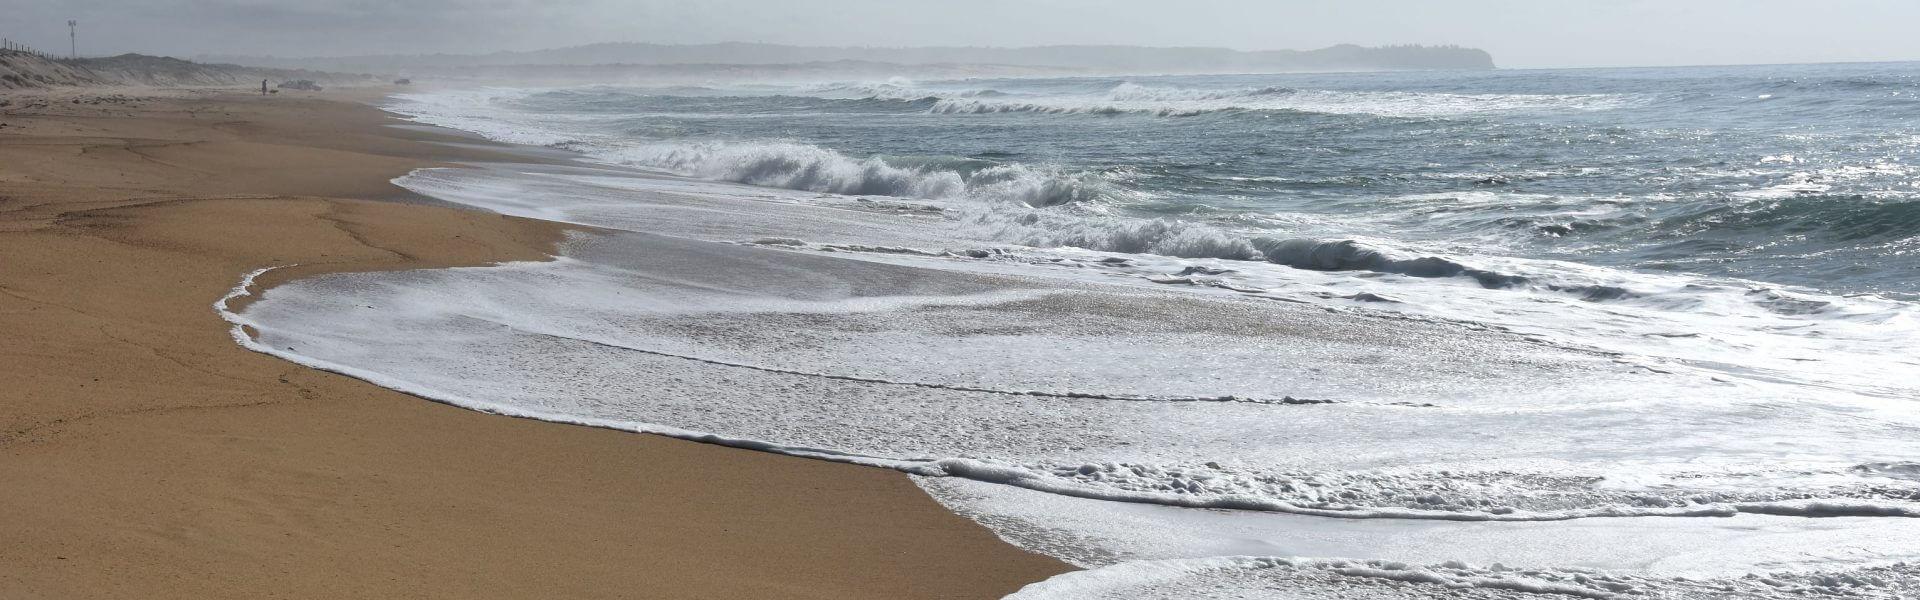 חוף ים. קרדיט תמונה ראשית: Bigstock